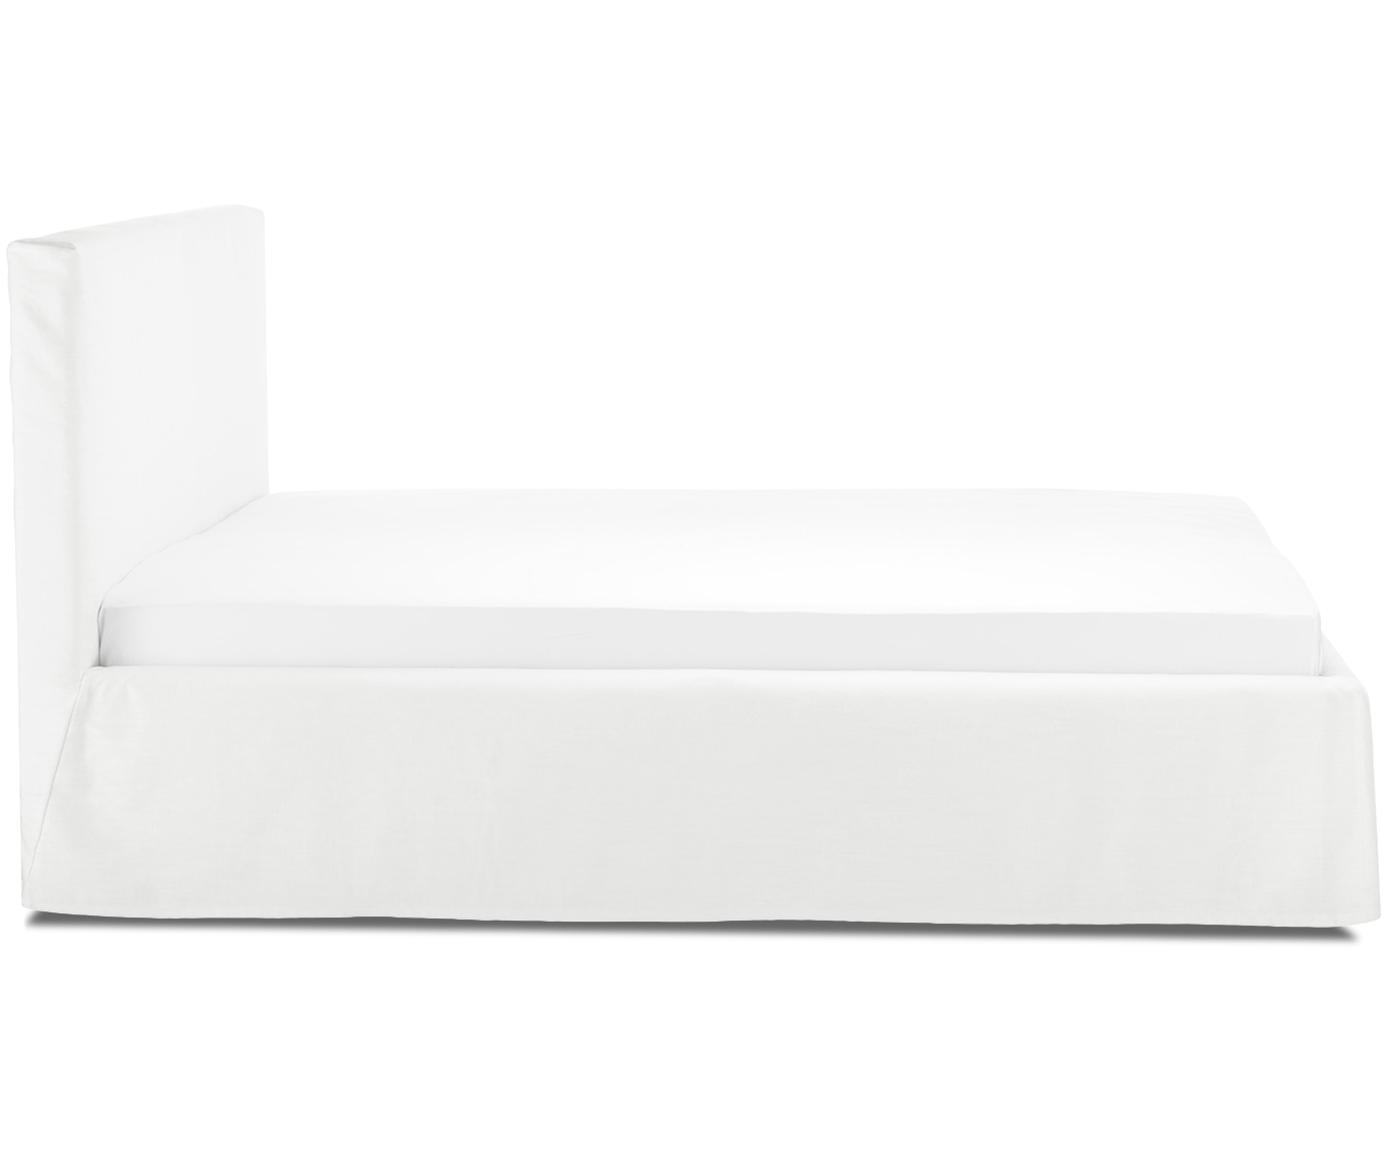 Łóżko tapicerowane z funkcją przechowywania Feather, Korpus: lite drewno sosnowe, Tapicerka: poliester (materiał tekst, Kremowobiały, 180 x 200 cm